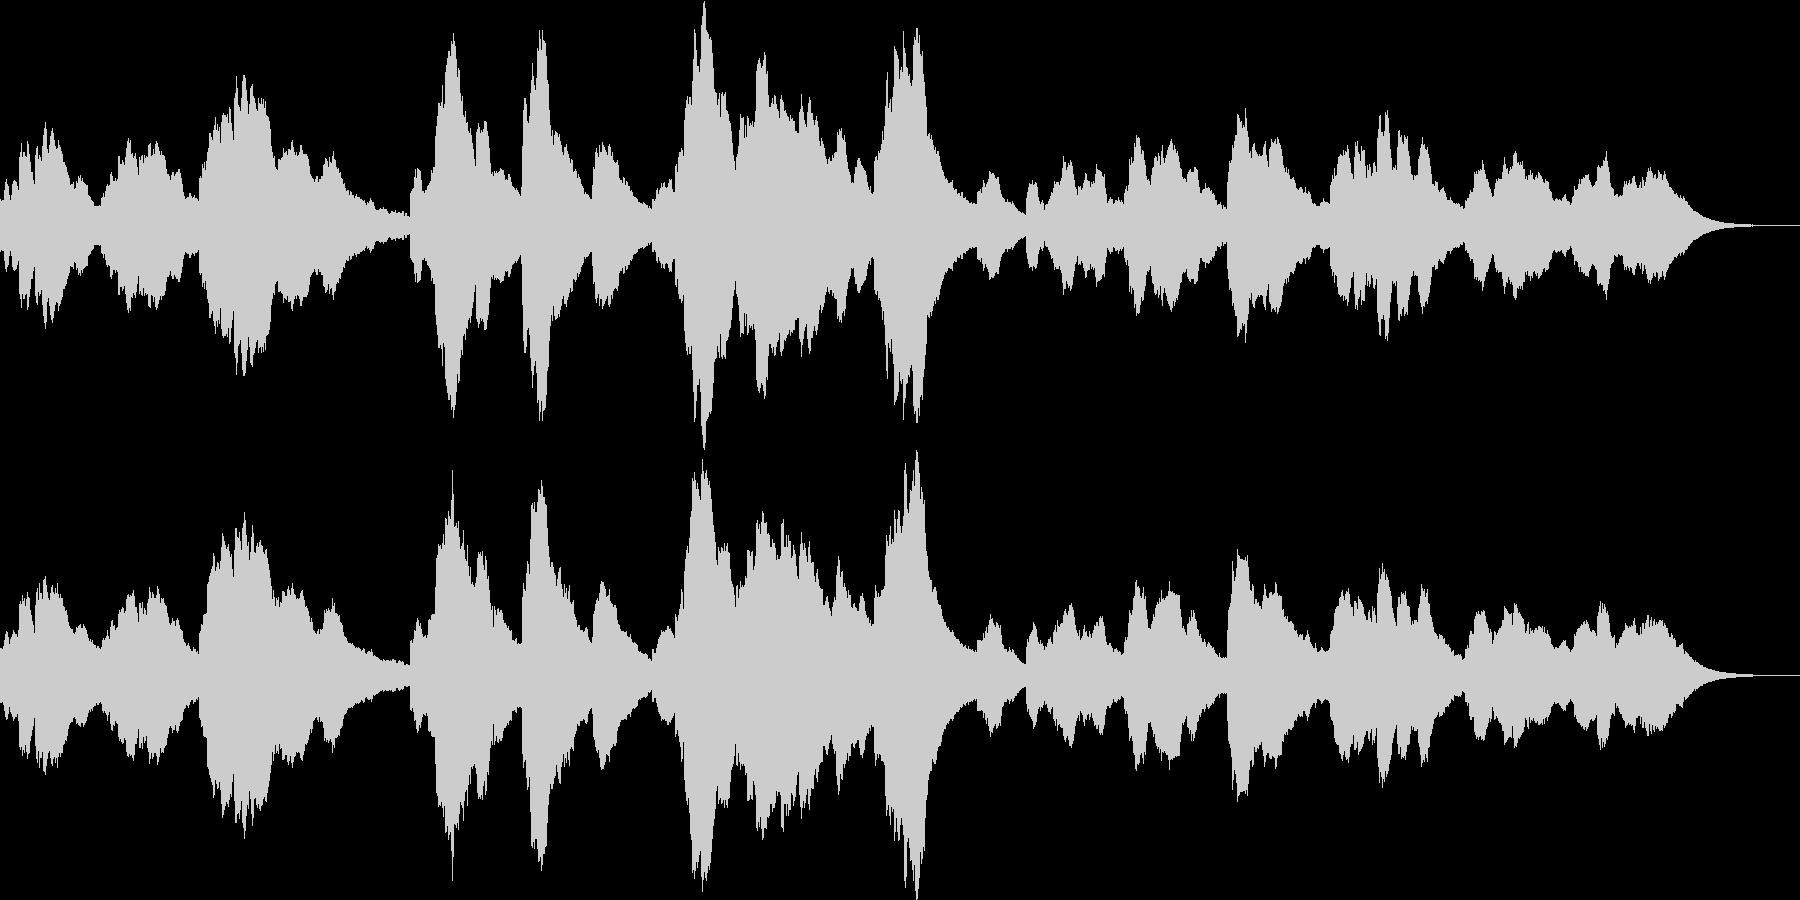 夜のイメージのシンセサイザー音楽ですの未再生の波形